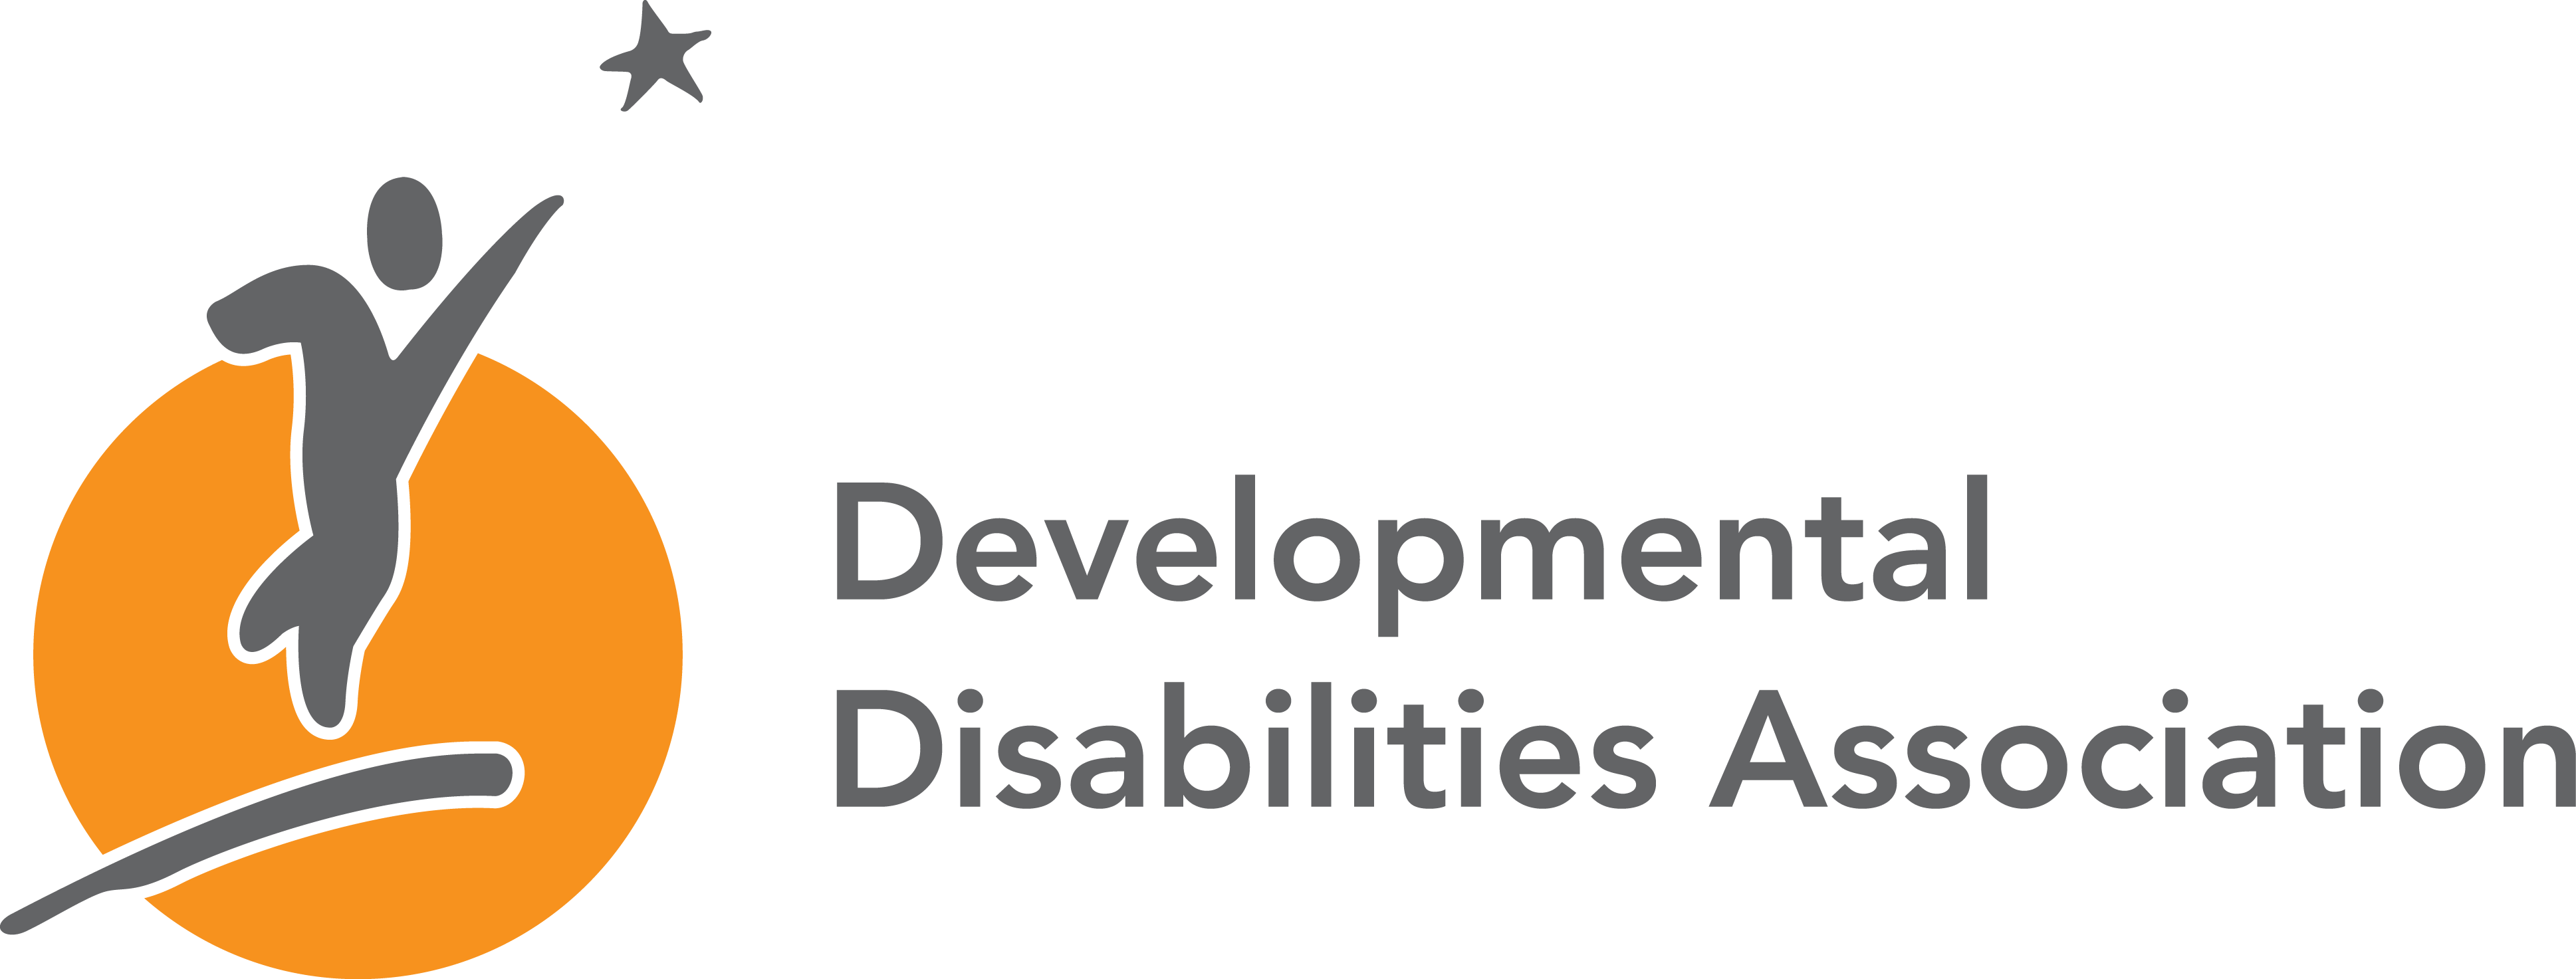 DDA Sideways Logo